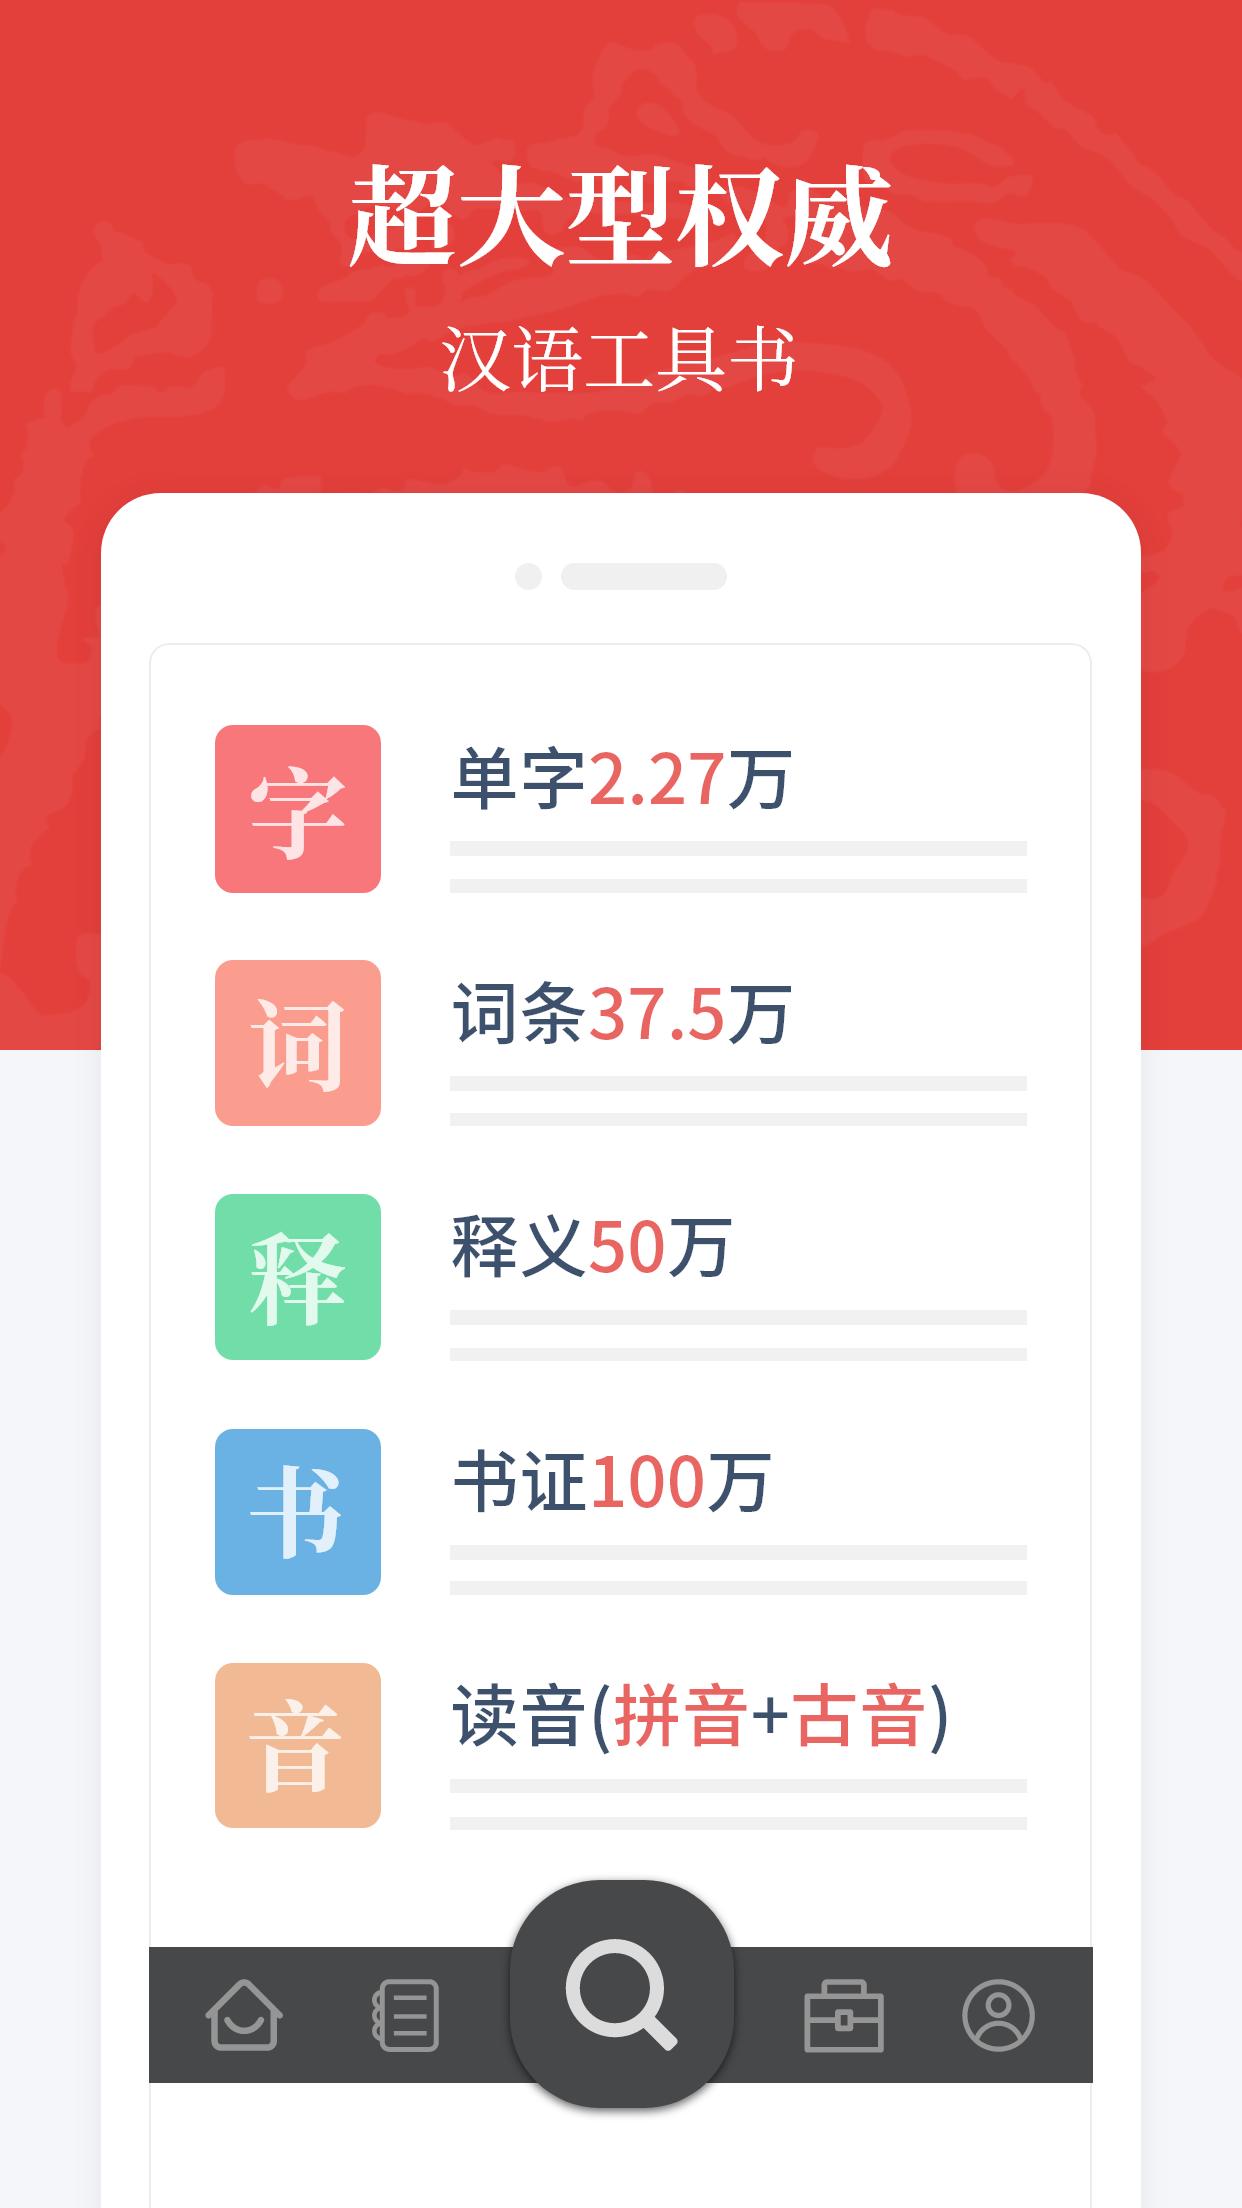 汉语大词典APP V1.0.11 安卓版截图3